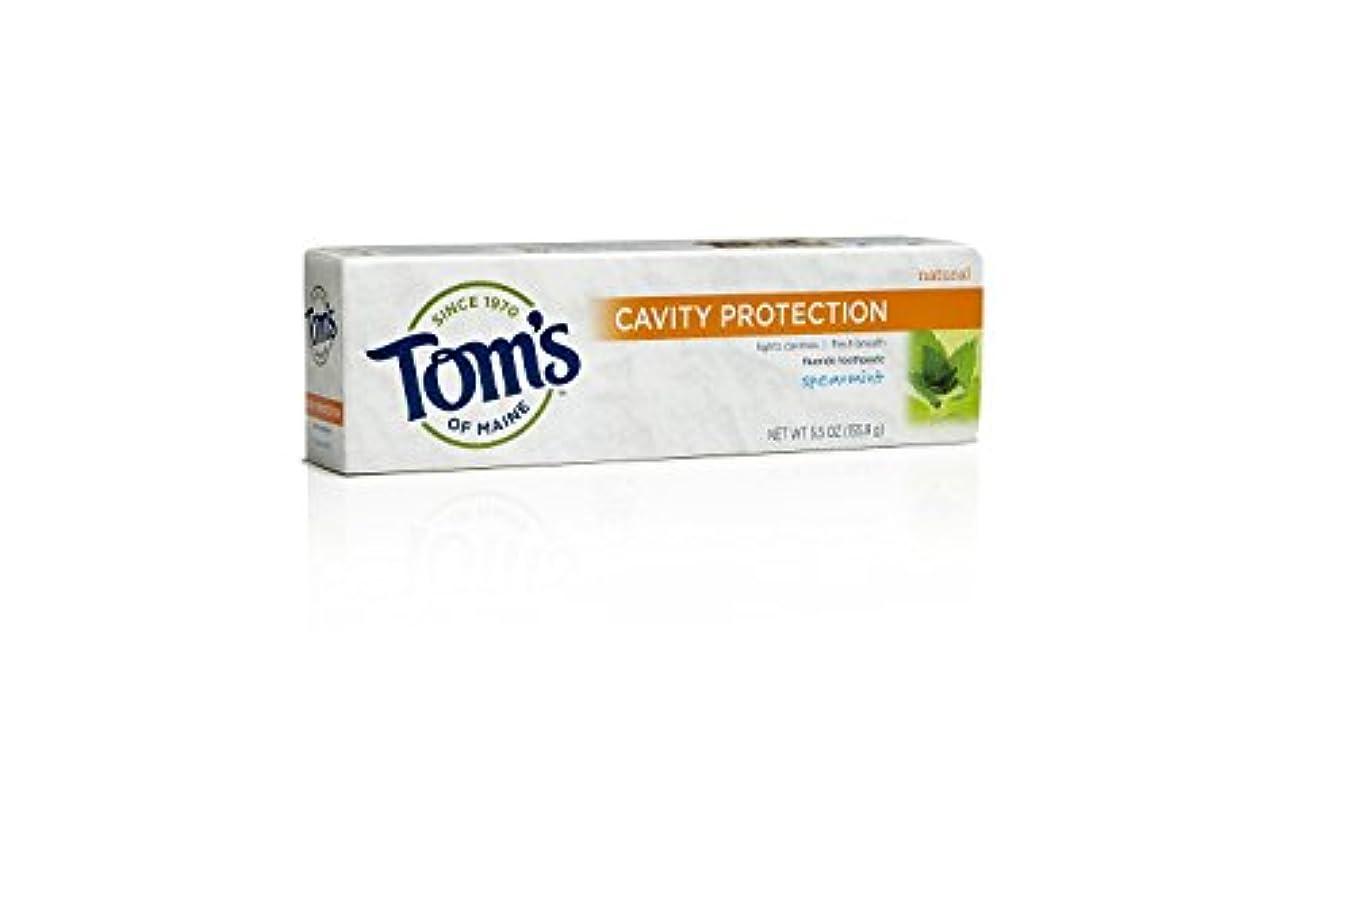 ダメージ言い聞かせるまたはどちらかTom's of Maine, Cavity Protection Fluoride Toothpaste, Spearmint, 5.5 oz (155.9 g)